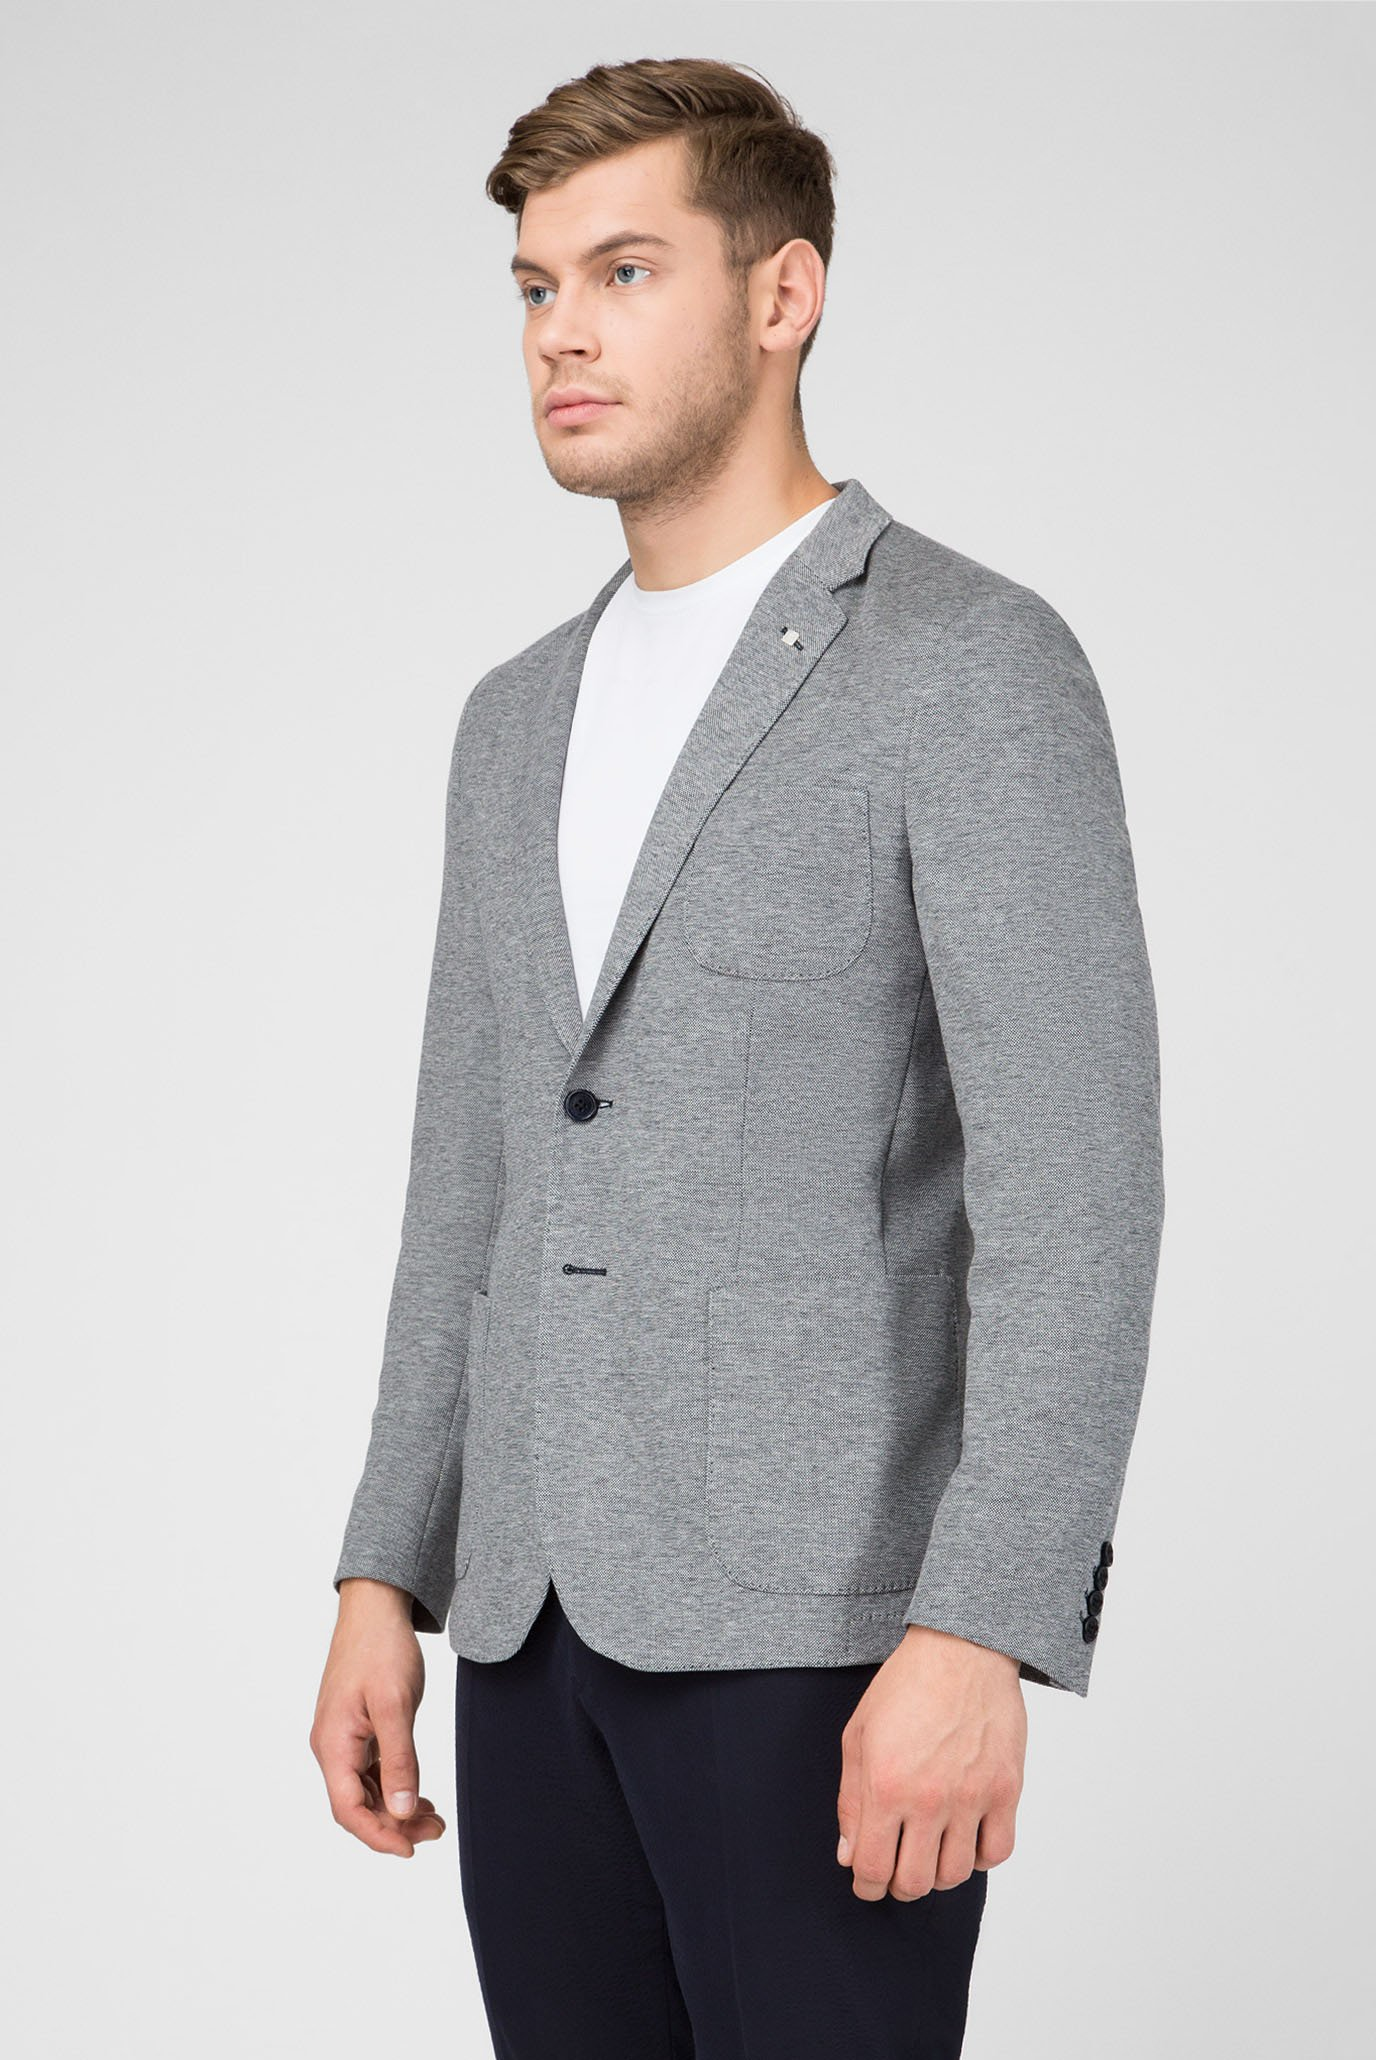 Купить Мужской серый пиджак Gant Gant 7700015 – Киев, Украина. Цены в интернет магазине MD Fashion